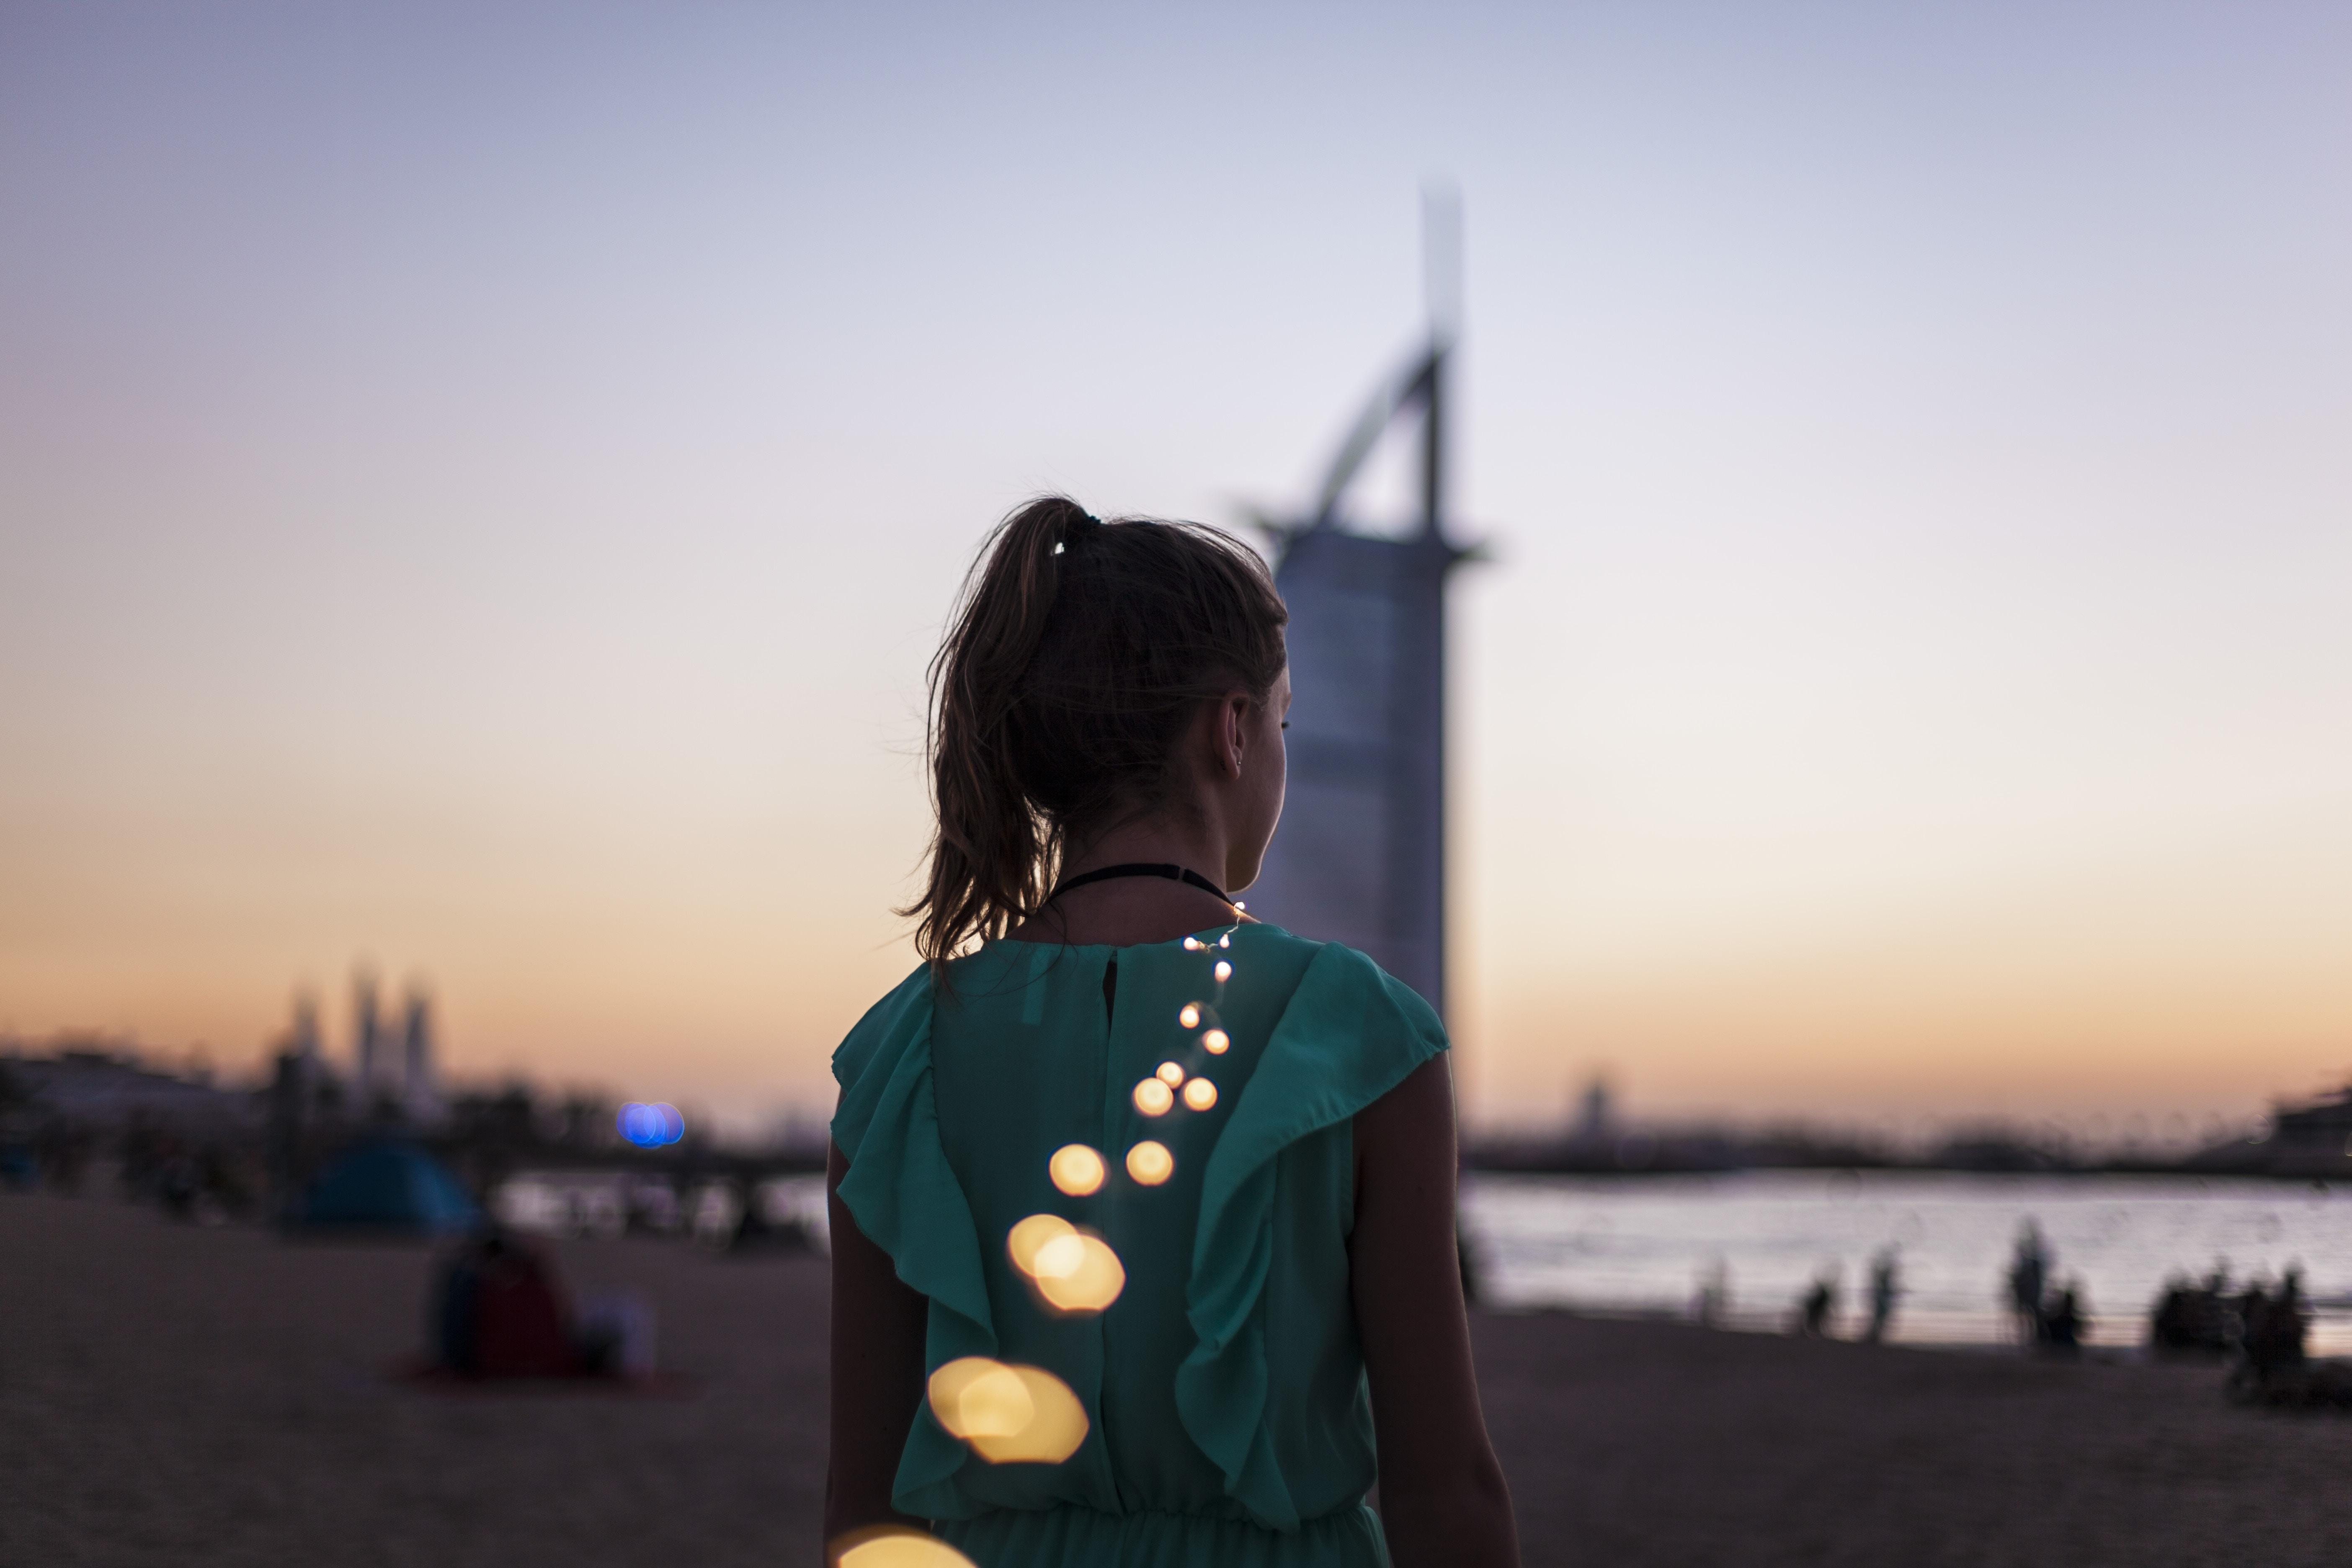 girl standing near Burj Al Arab, Dubai during golden hour